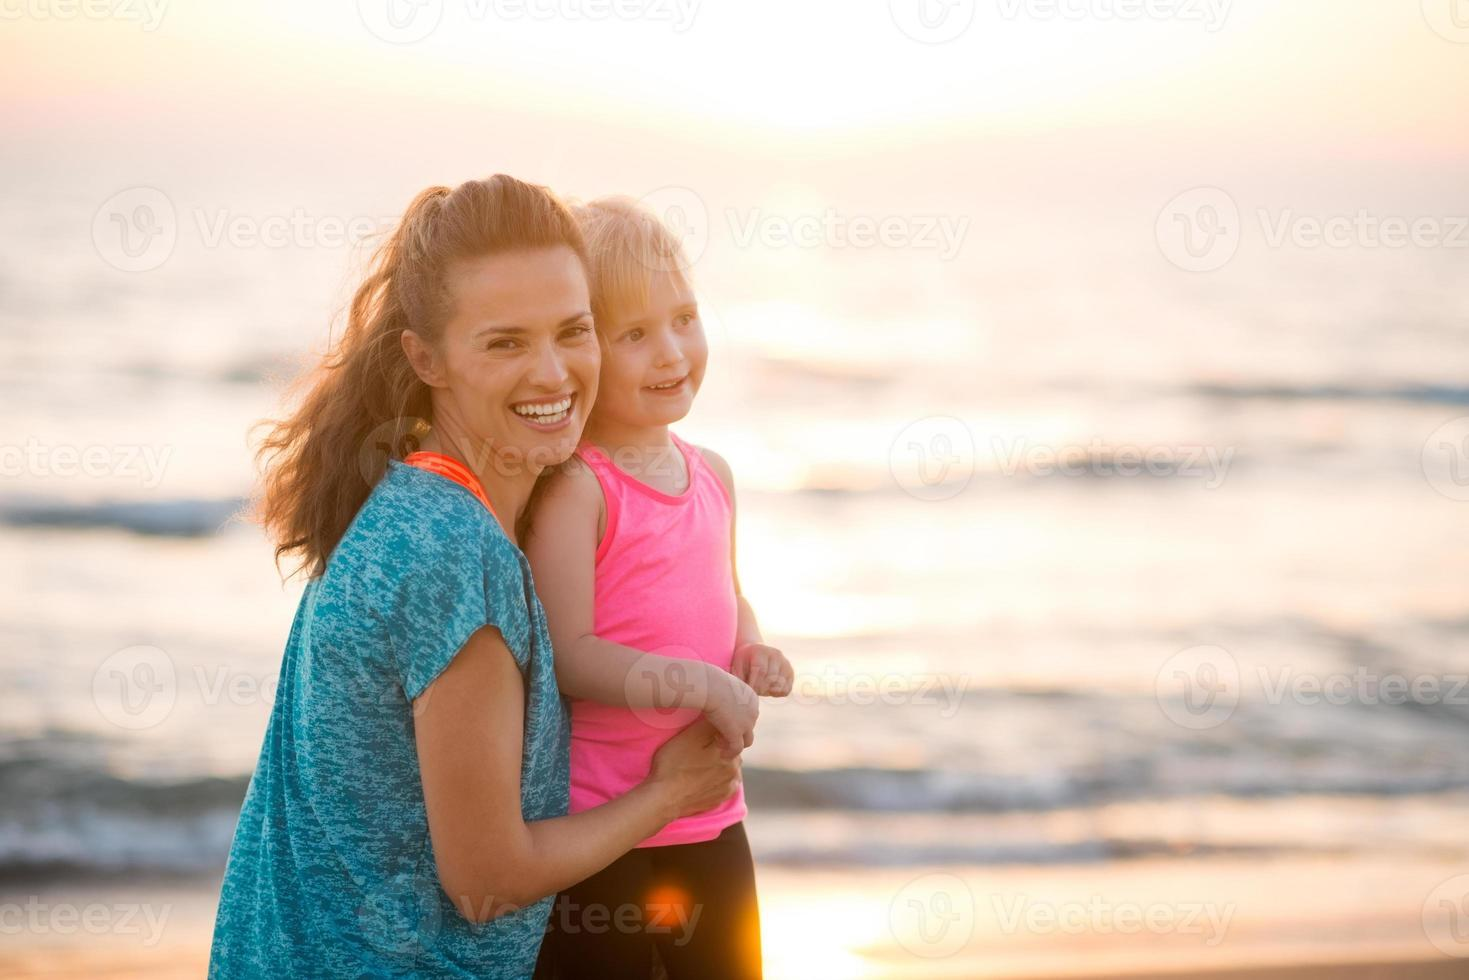 portret van gelukkige moeder en dochter op het strand bij zonsondergang foto